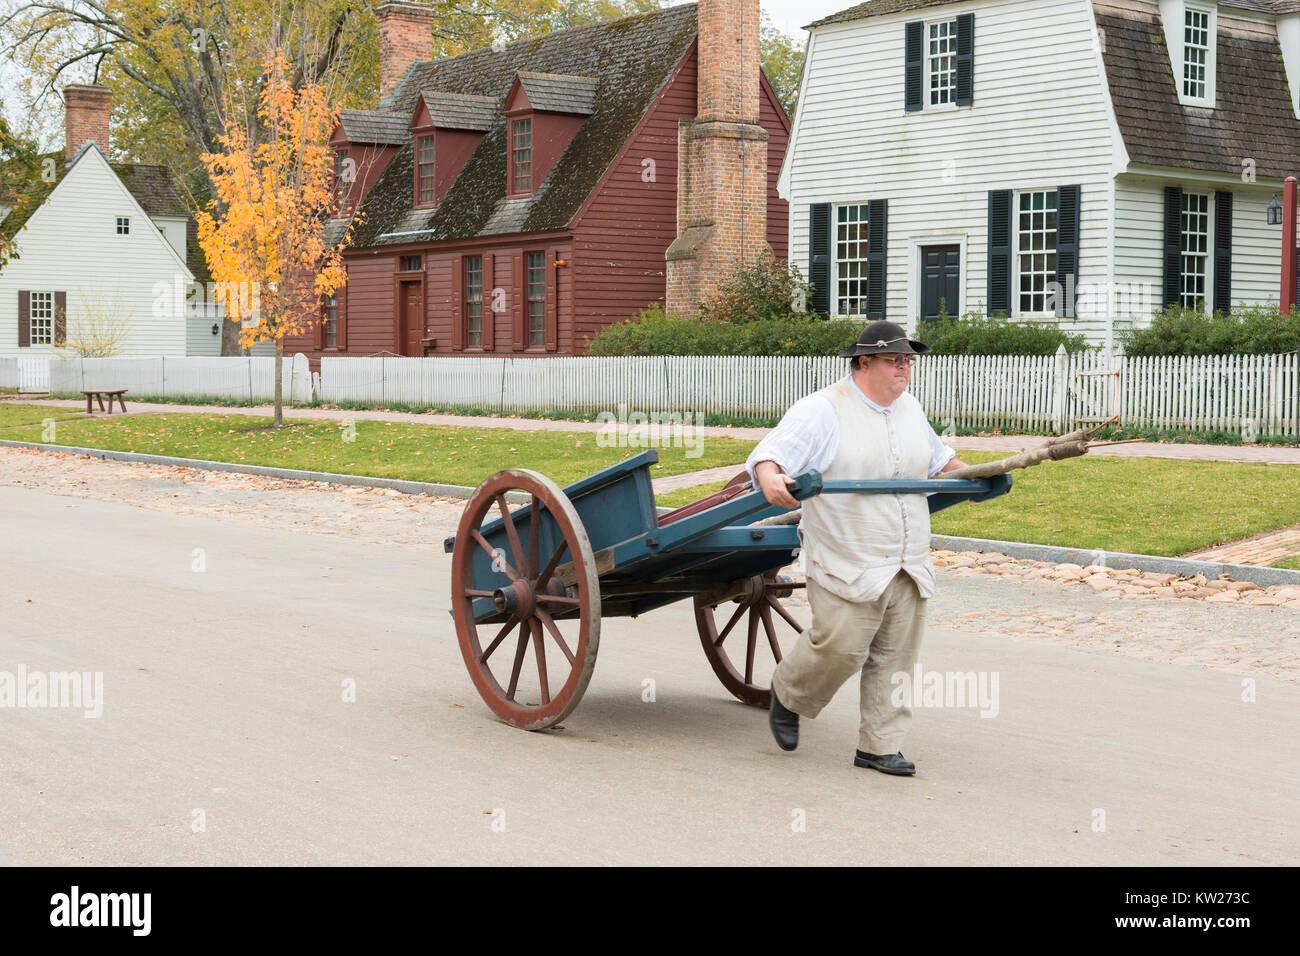 Costumed interpreter pulling handcart on Duke of Gloucester Street. - Stock Image